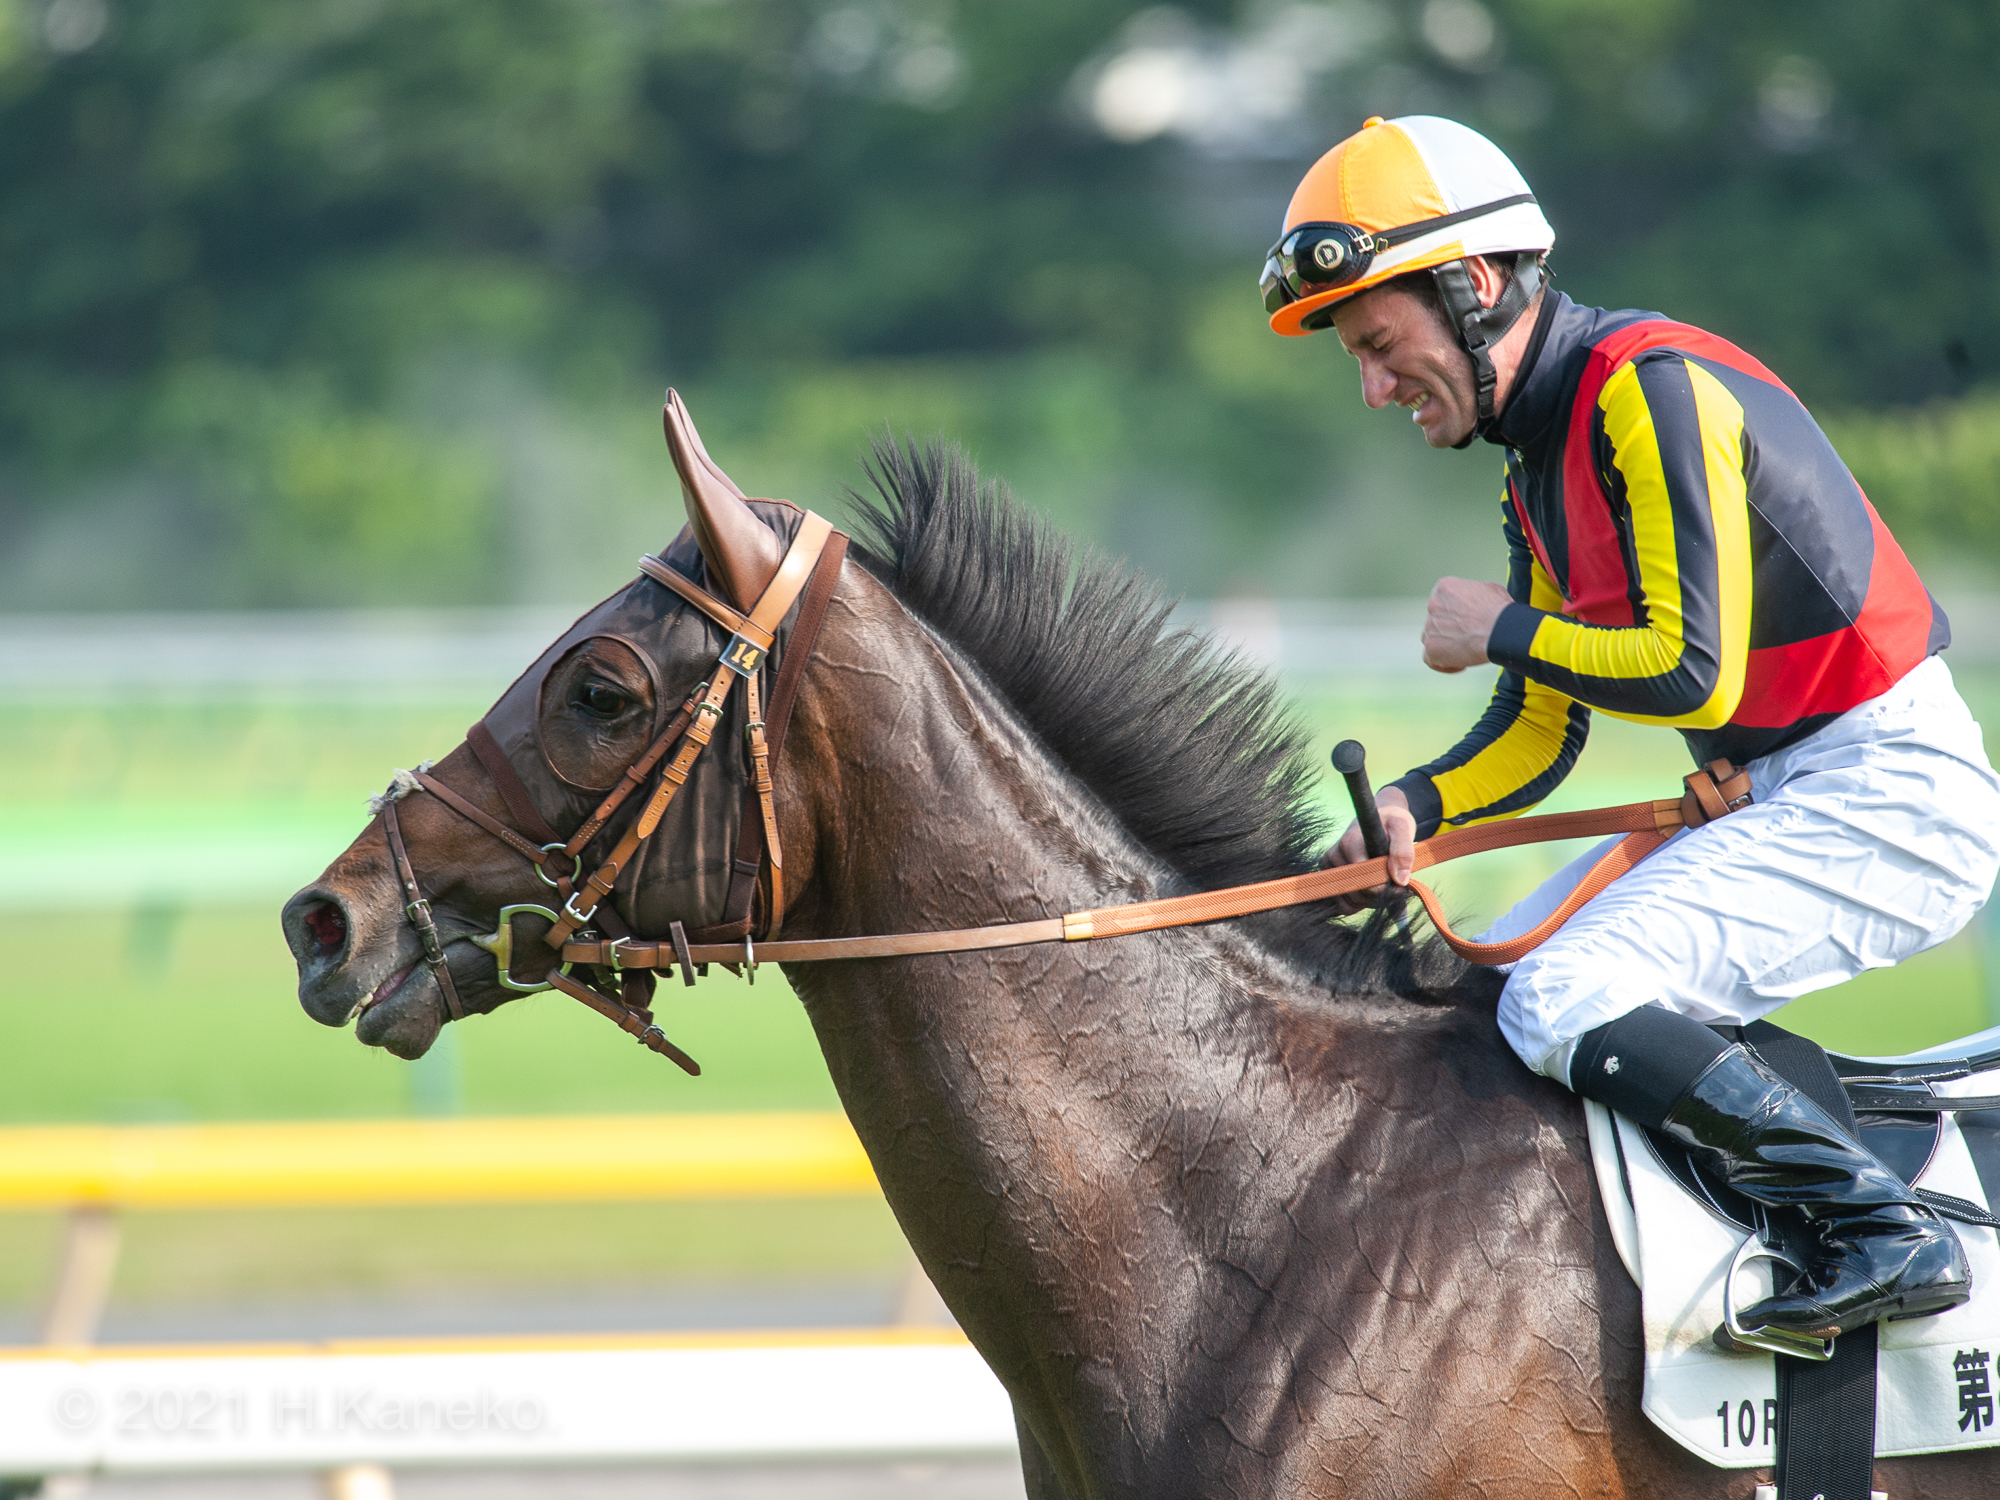 直線に血をたぎらせた、二冠馬。夢のように駆け抜けたドゥラメンテの生涯。